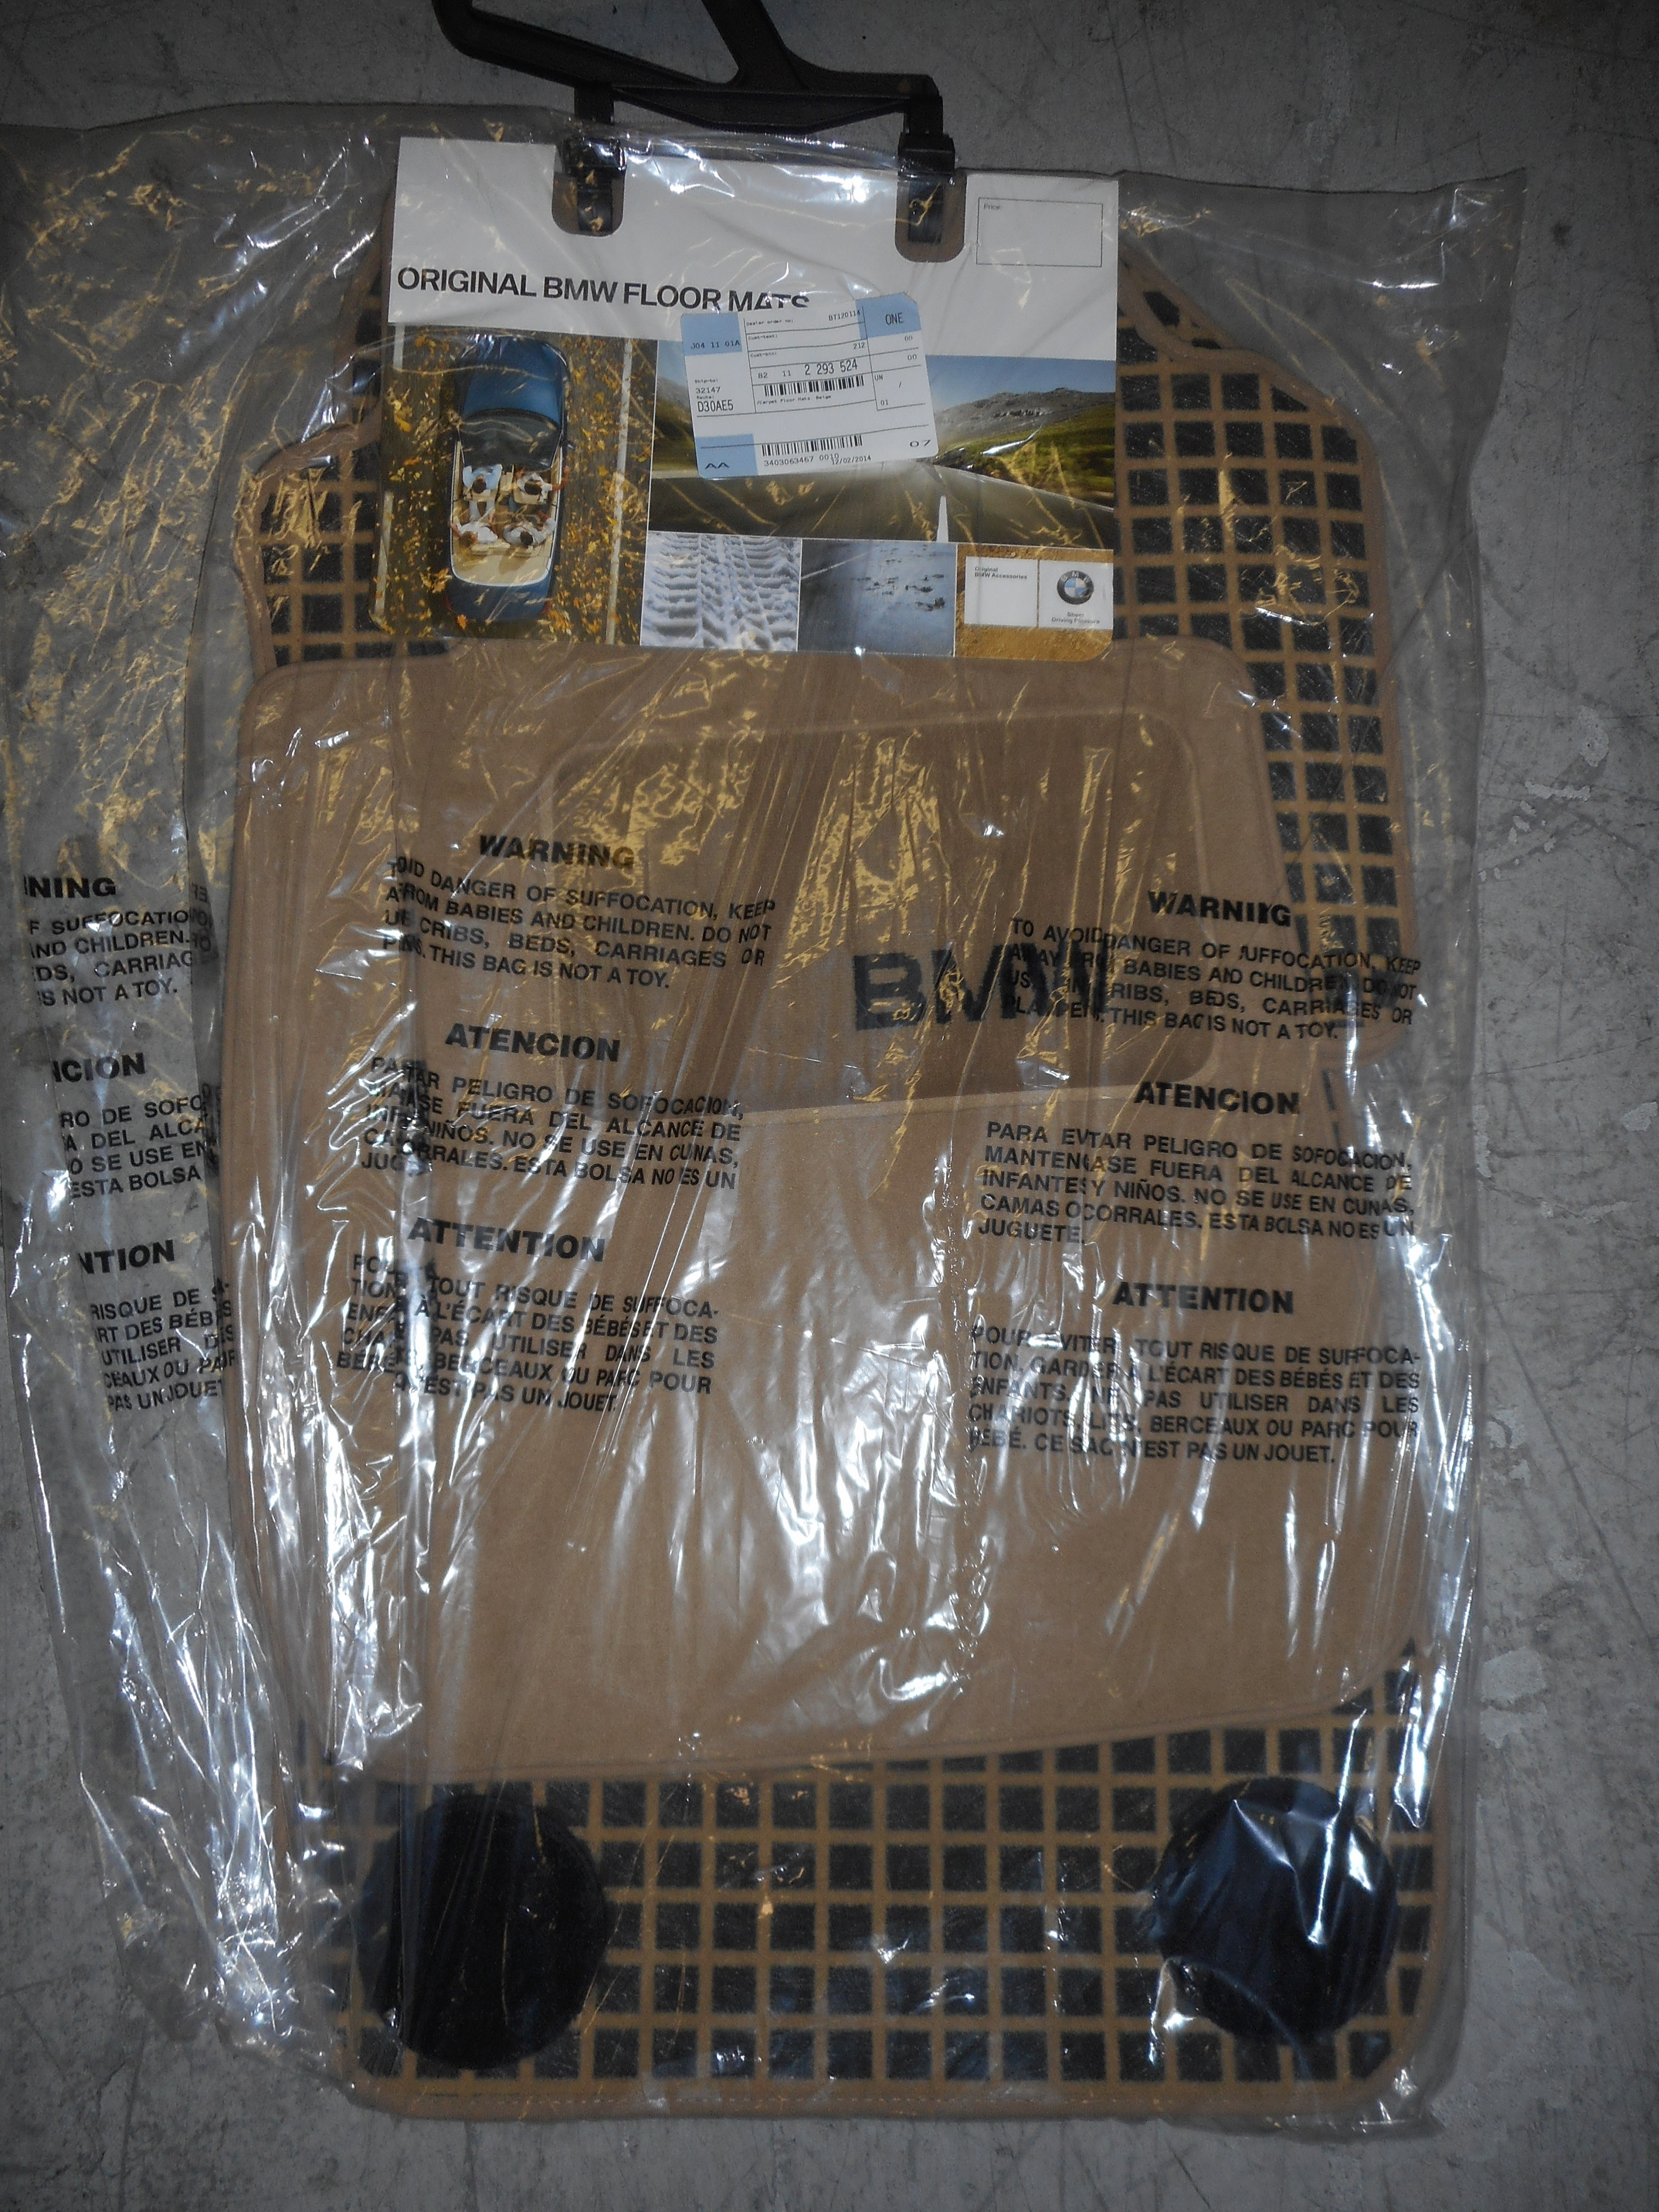 Weathertech floor mats bmw 328i - Bmw 3 Series Set Of Carpet Floor Mat Beige 82112293524 Fits More